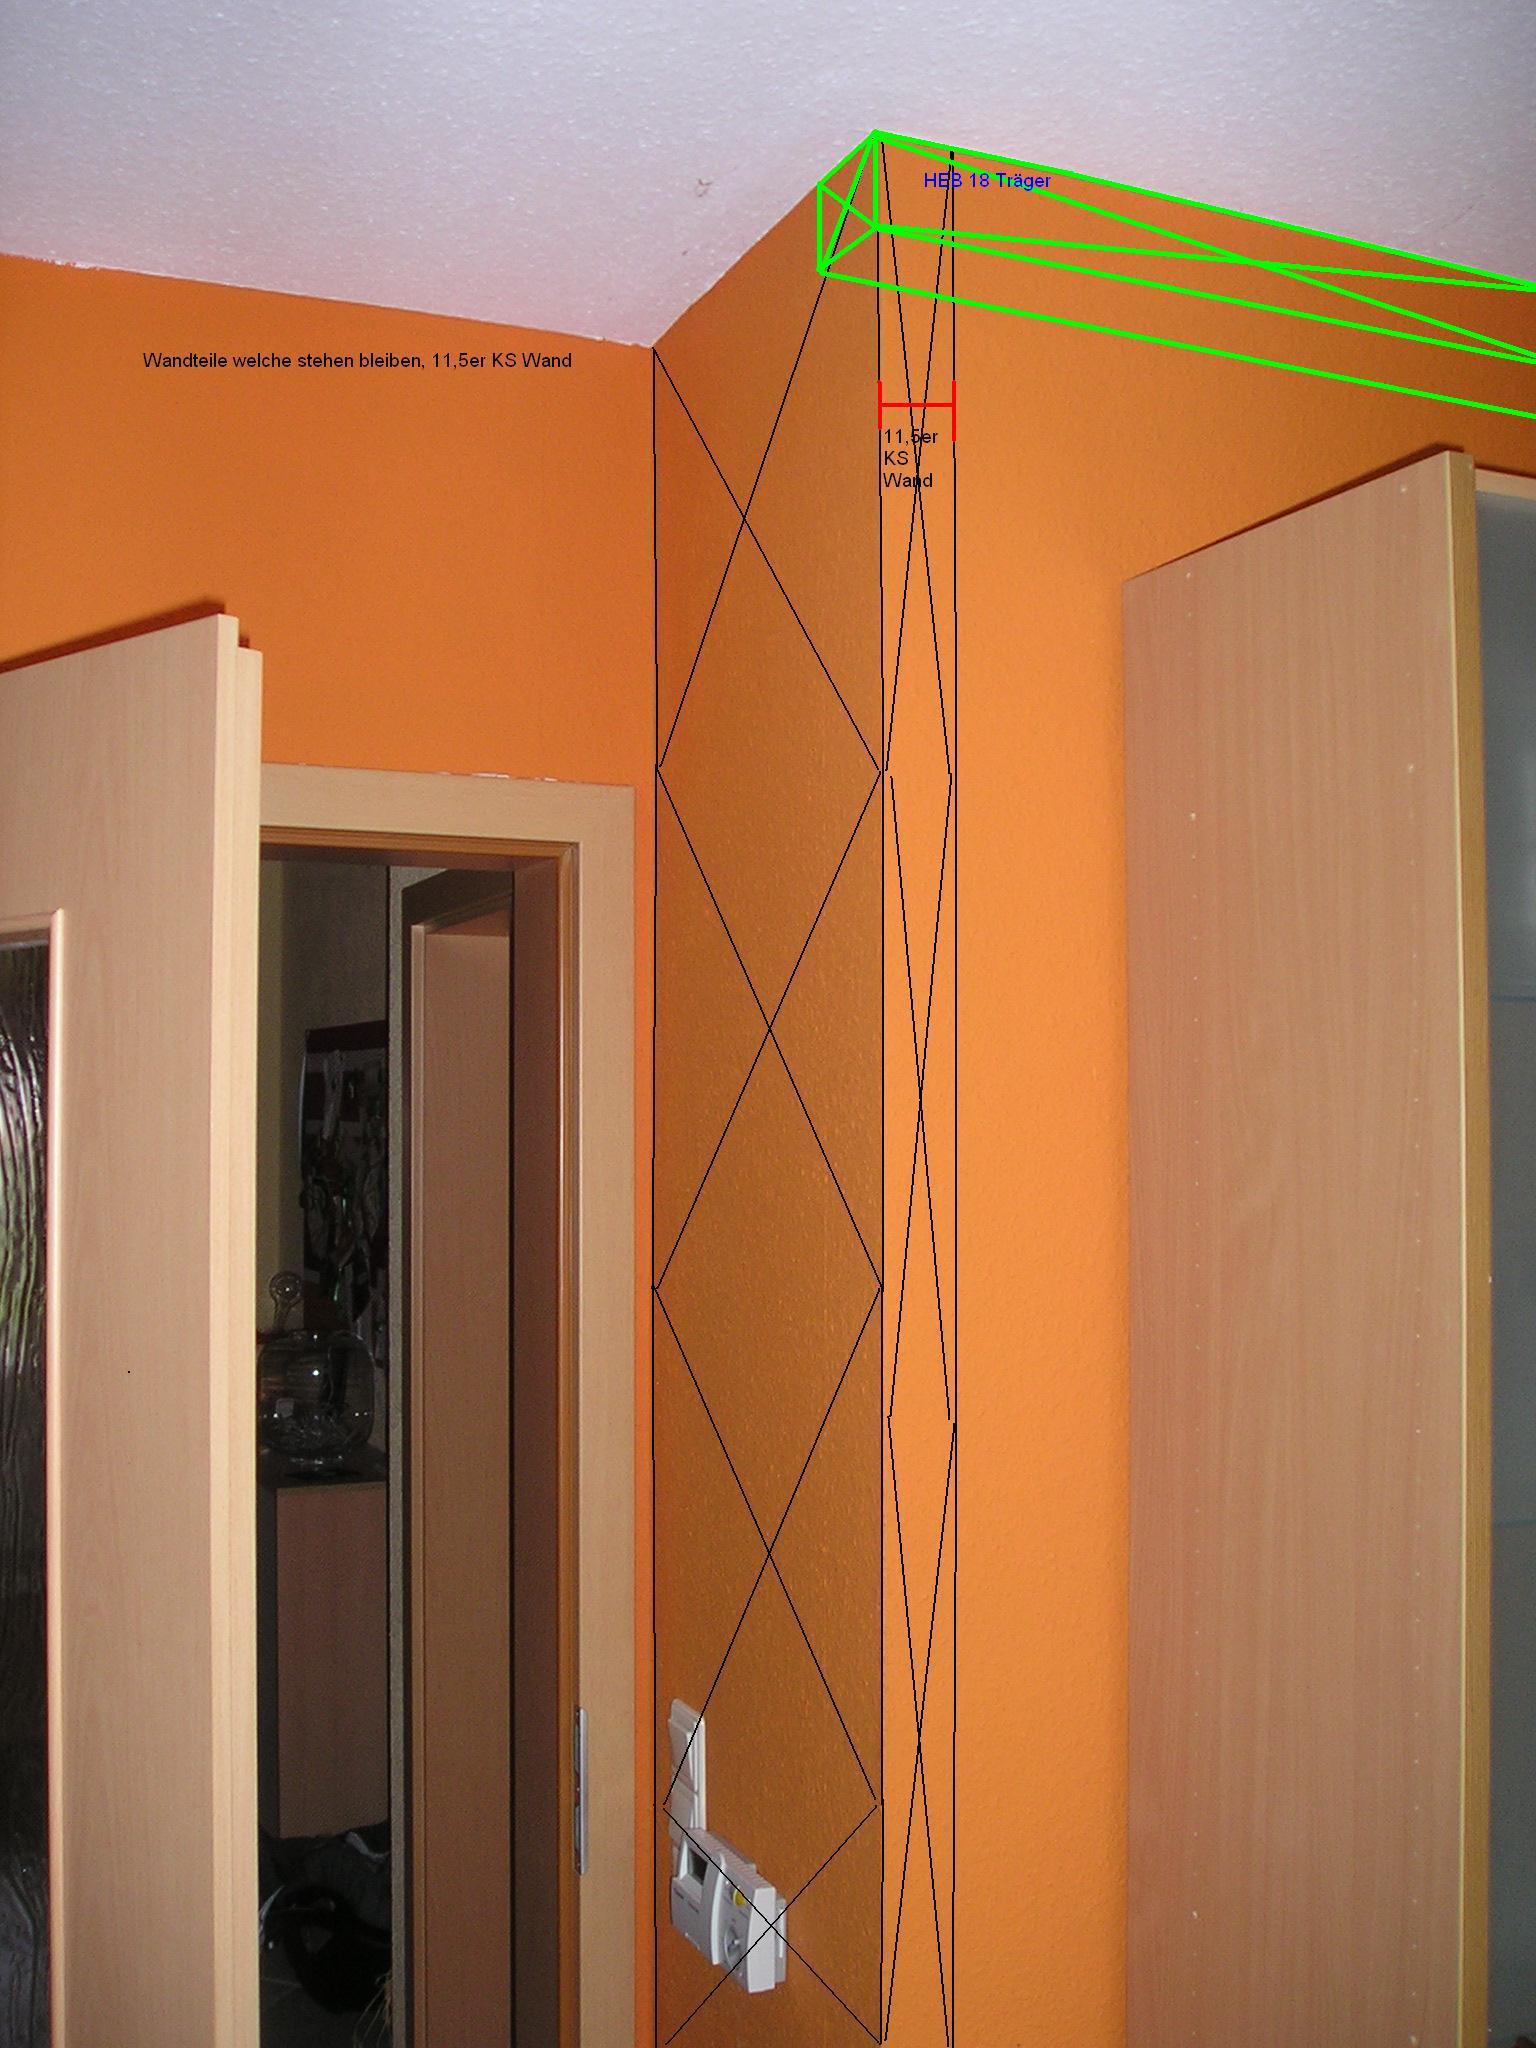 einziehen eines heb 180 tr gers als abfangung hausbau. Black Bedroom Furniture Sets. Home Design Ideas